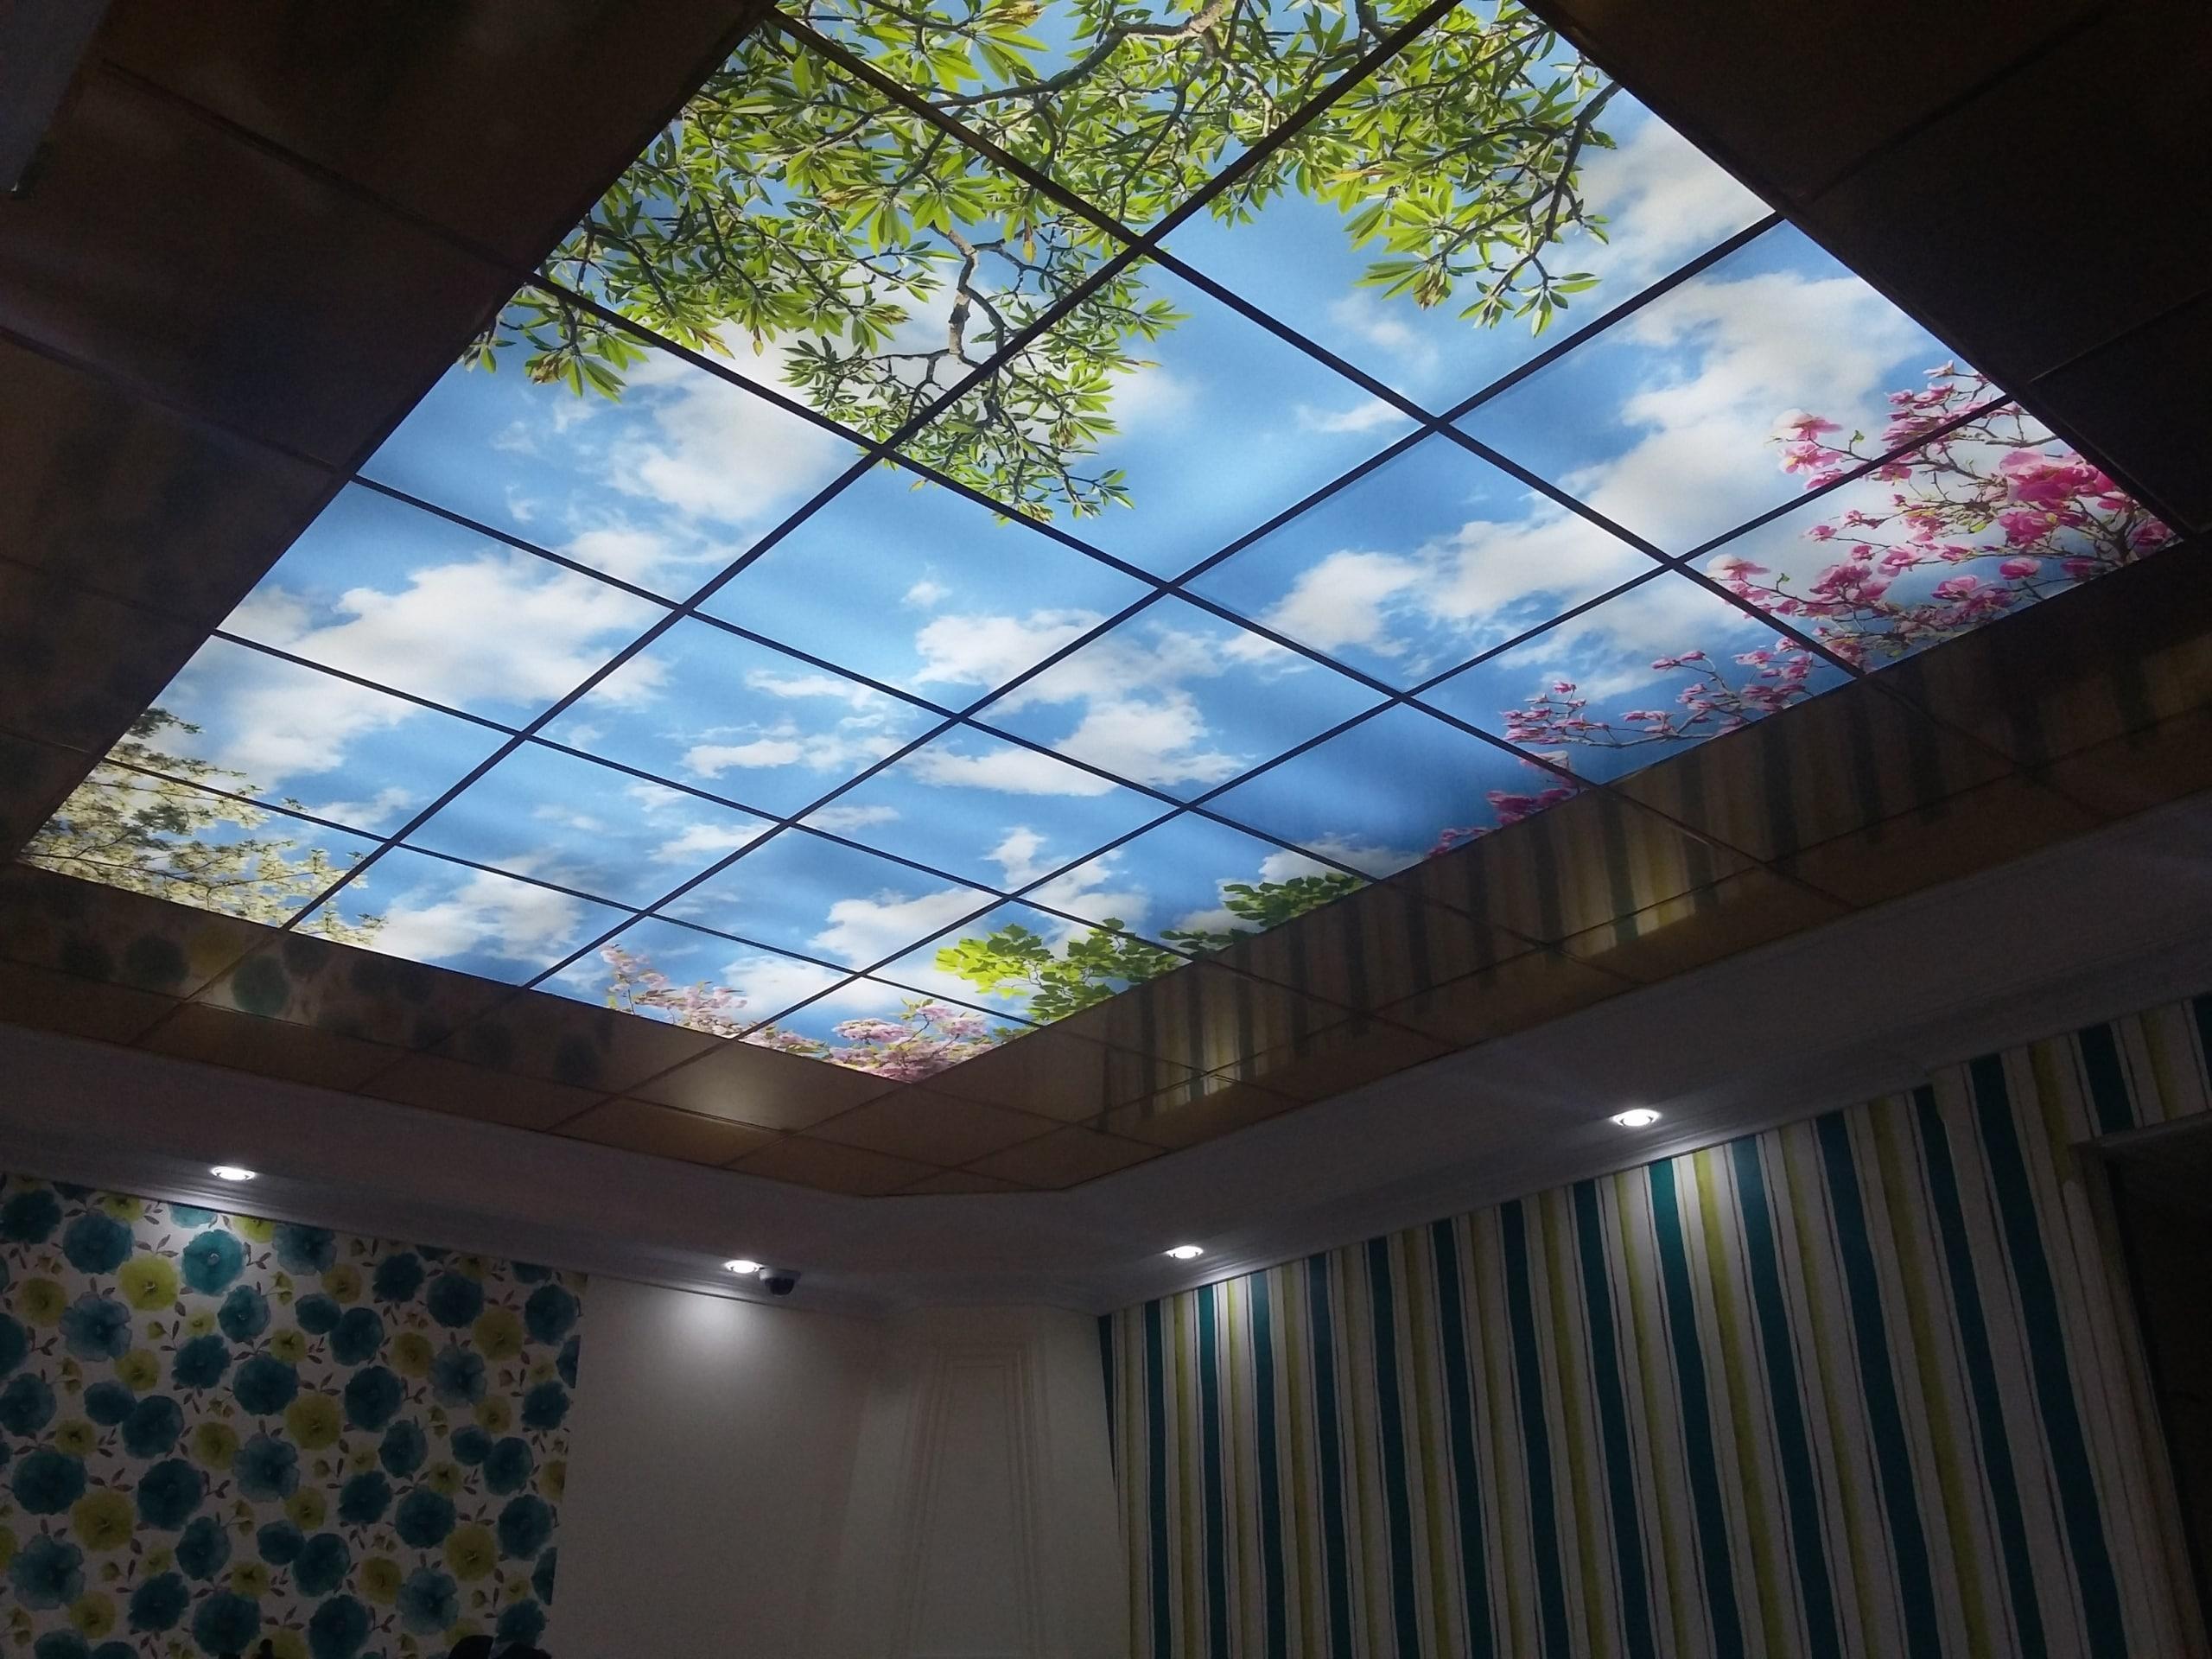 سقف کاذب آسمان مجازی چیست استوارسازان